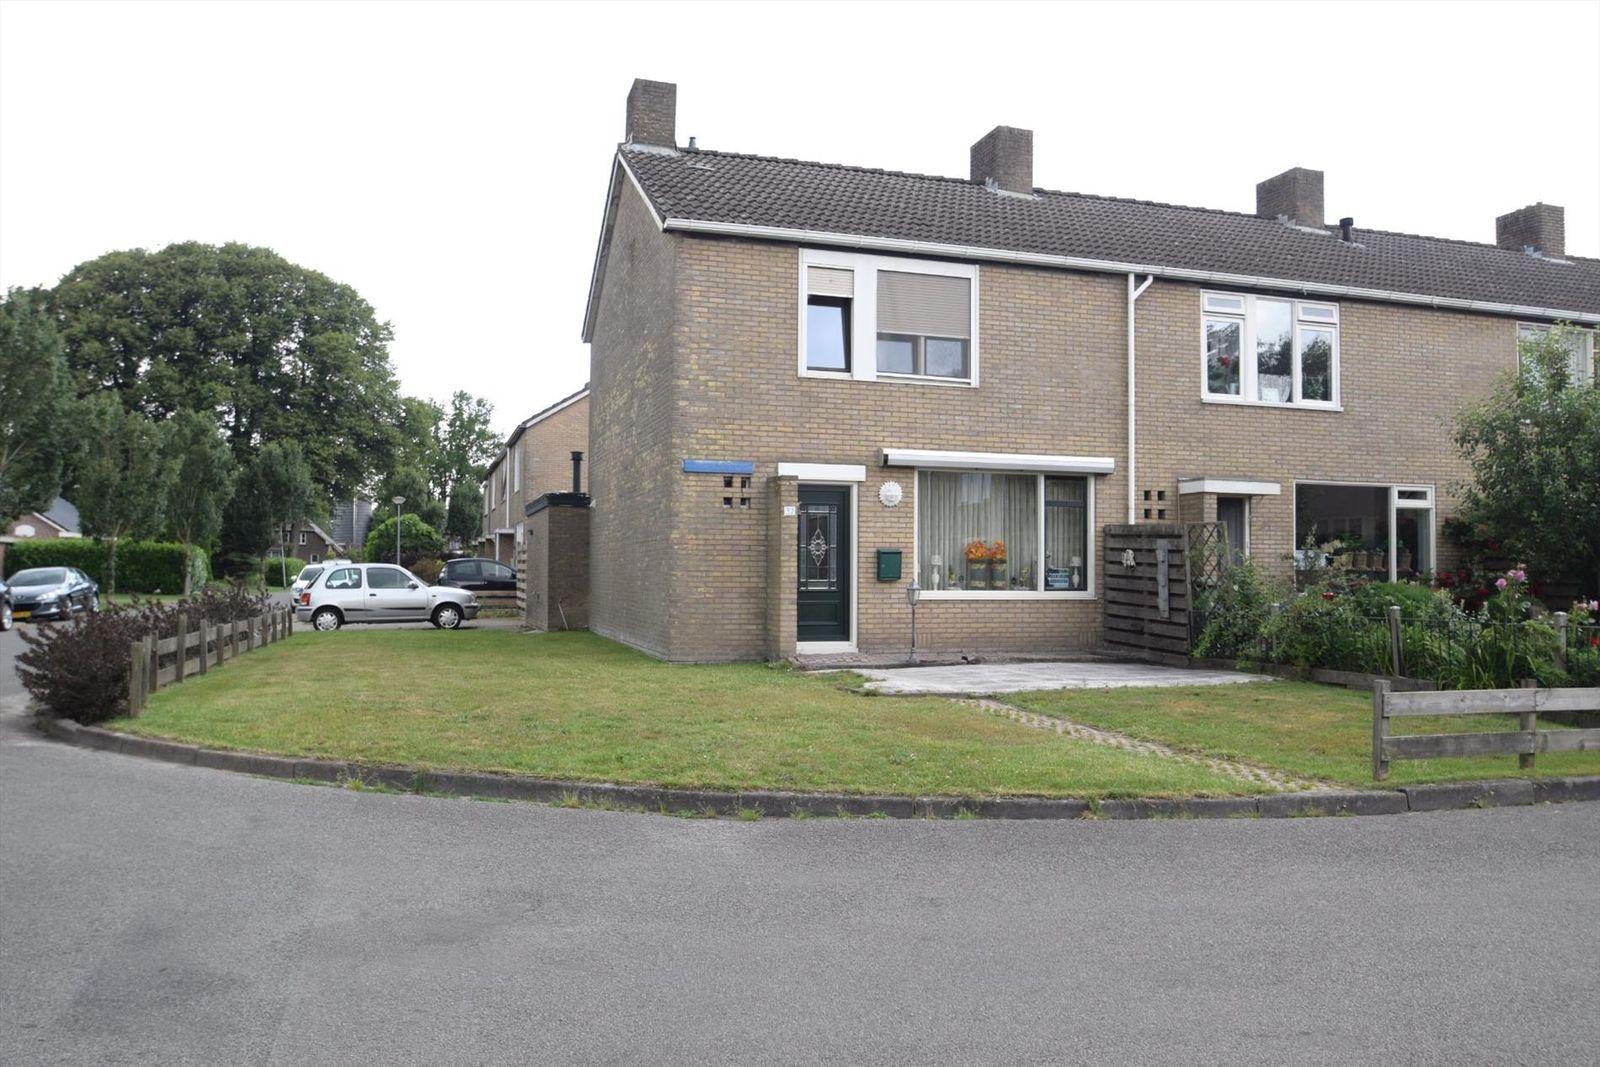 Kleine Turfstraat 32, Valthermond